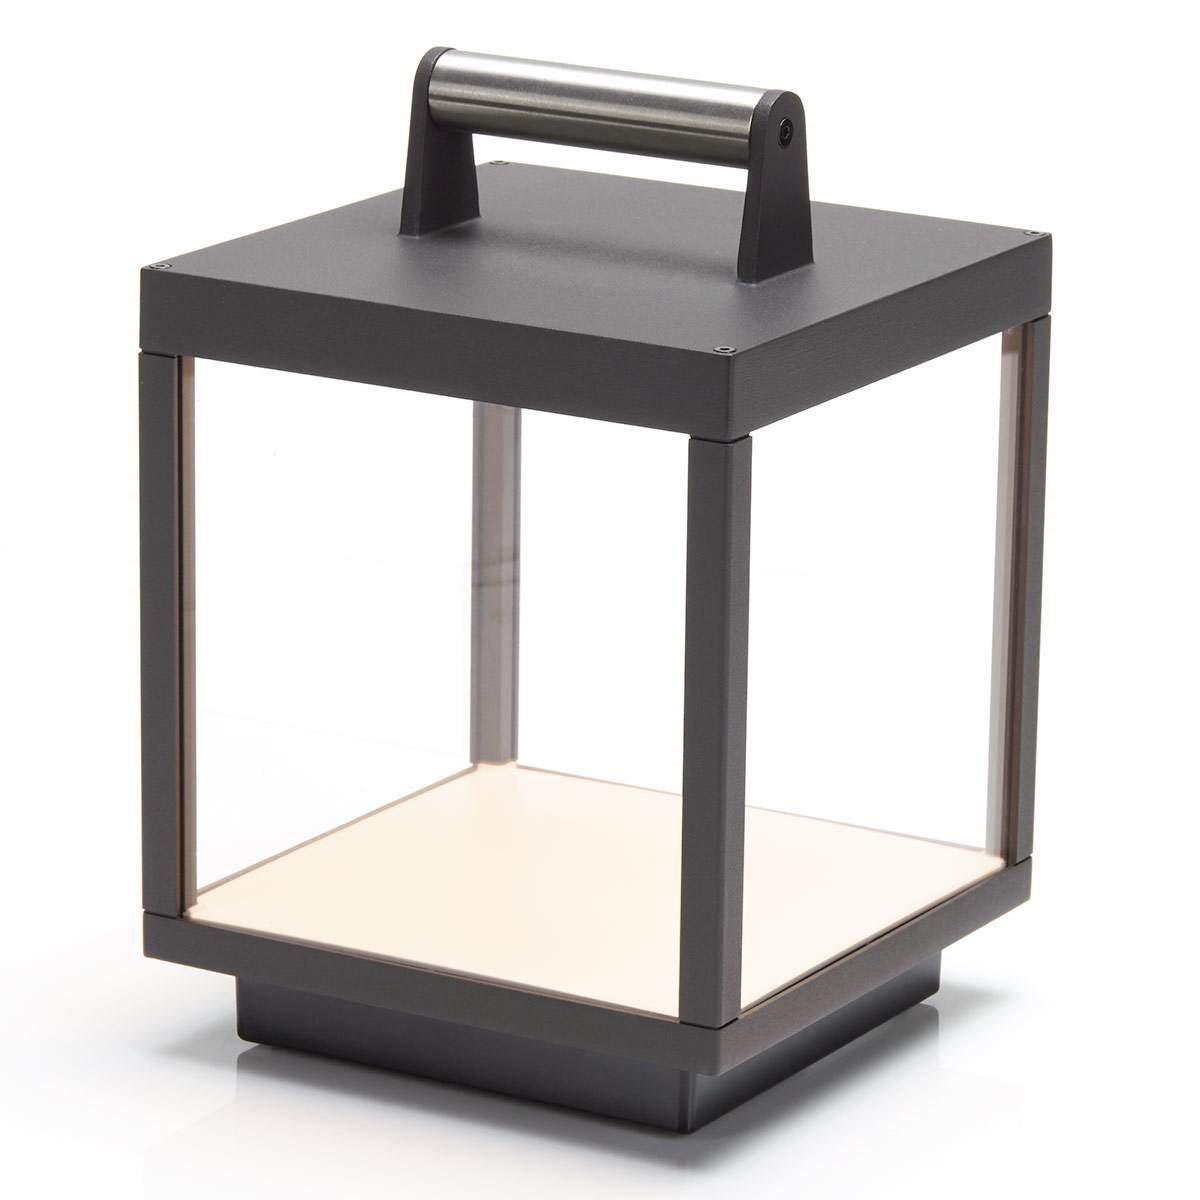 LED Tischleuchte Cube, 26,7x18x18 cm, Aluminium, grau | #4